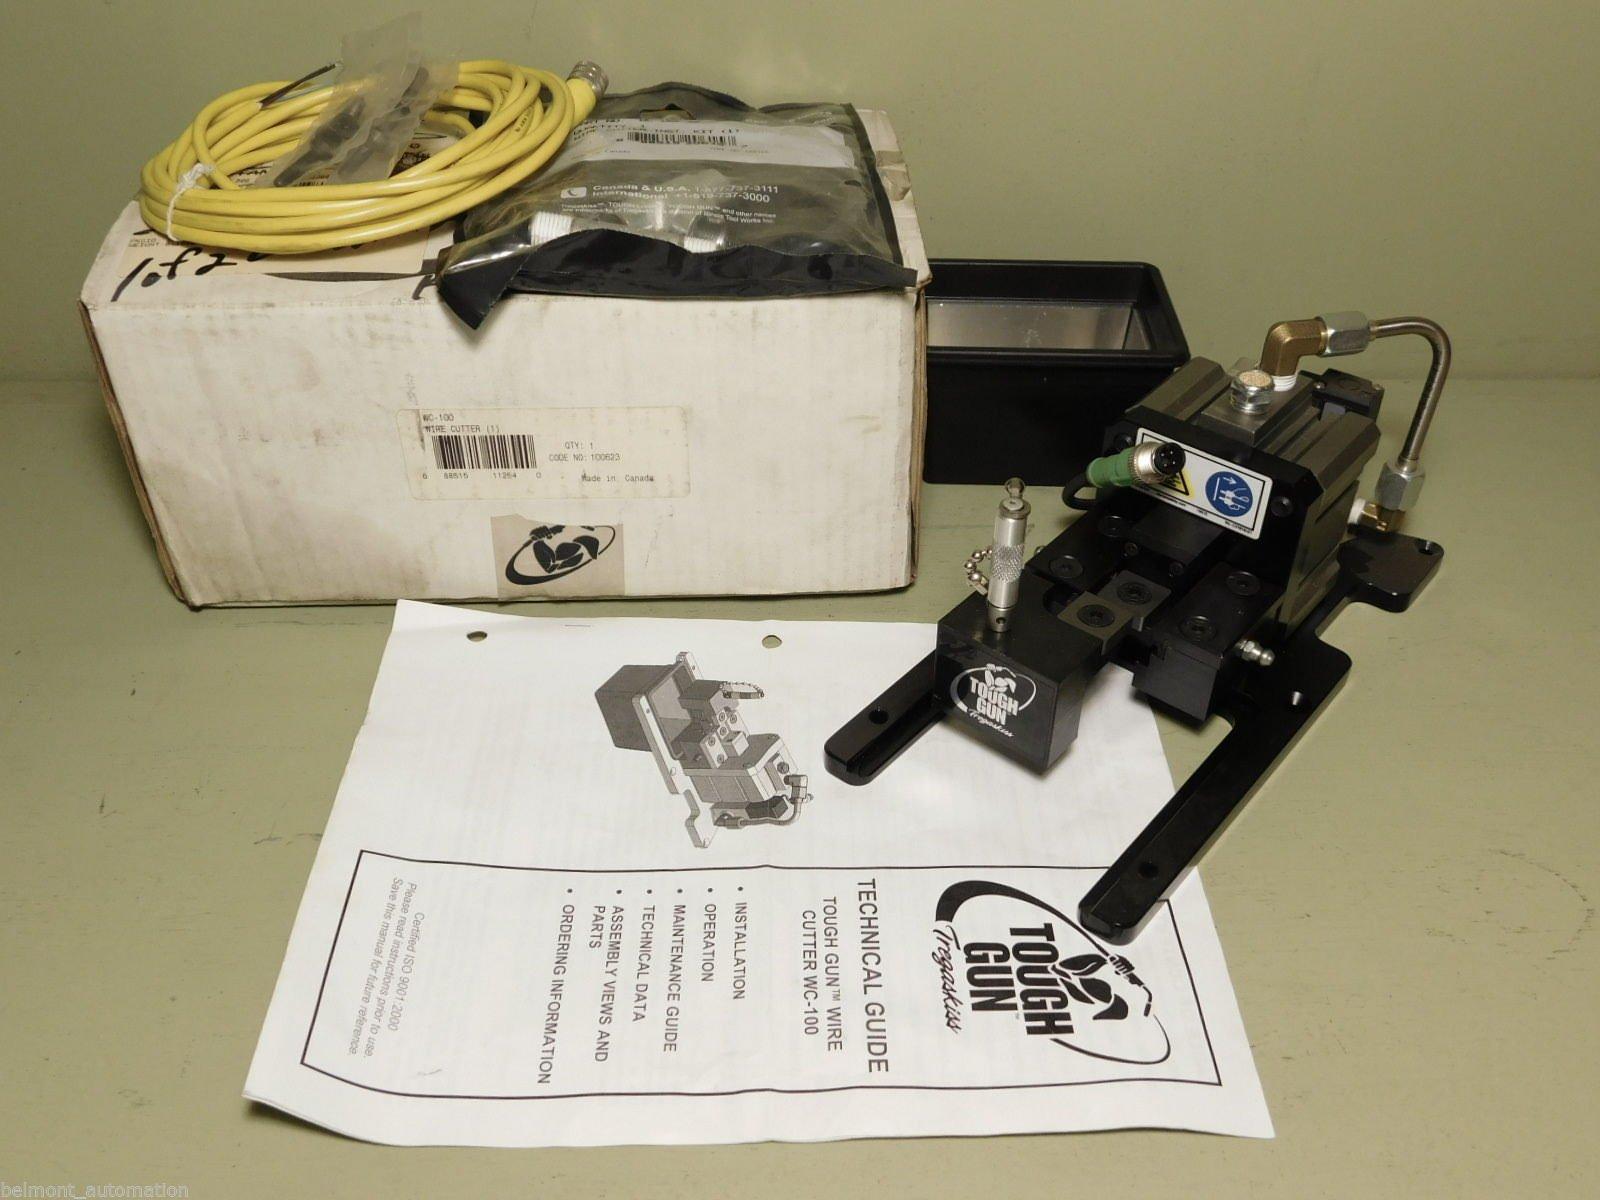 BRAND NEW - Tough Gun Tregaskiss Tough Gun Wire Cutter WC-100